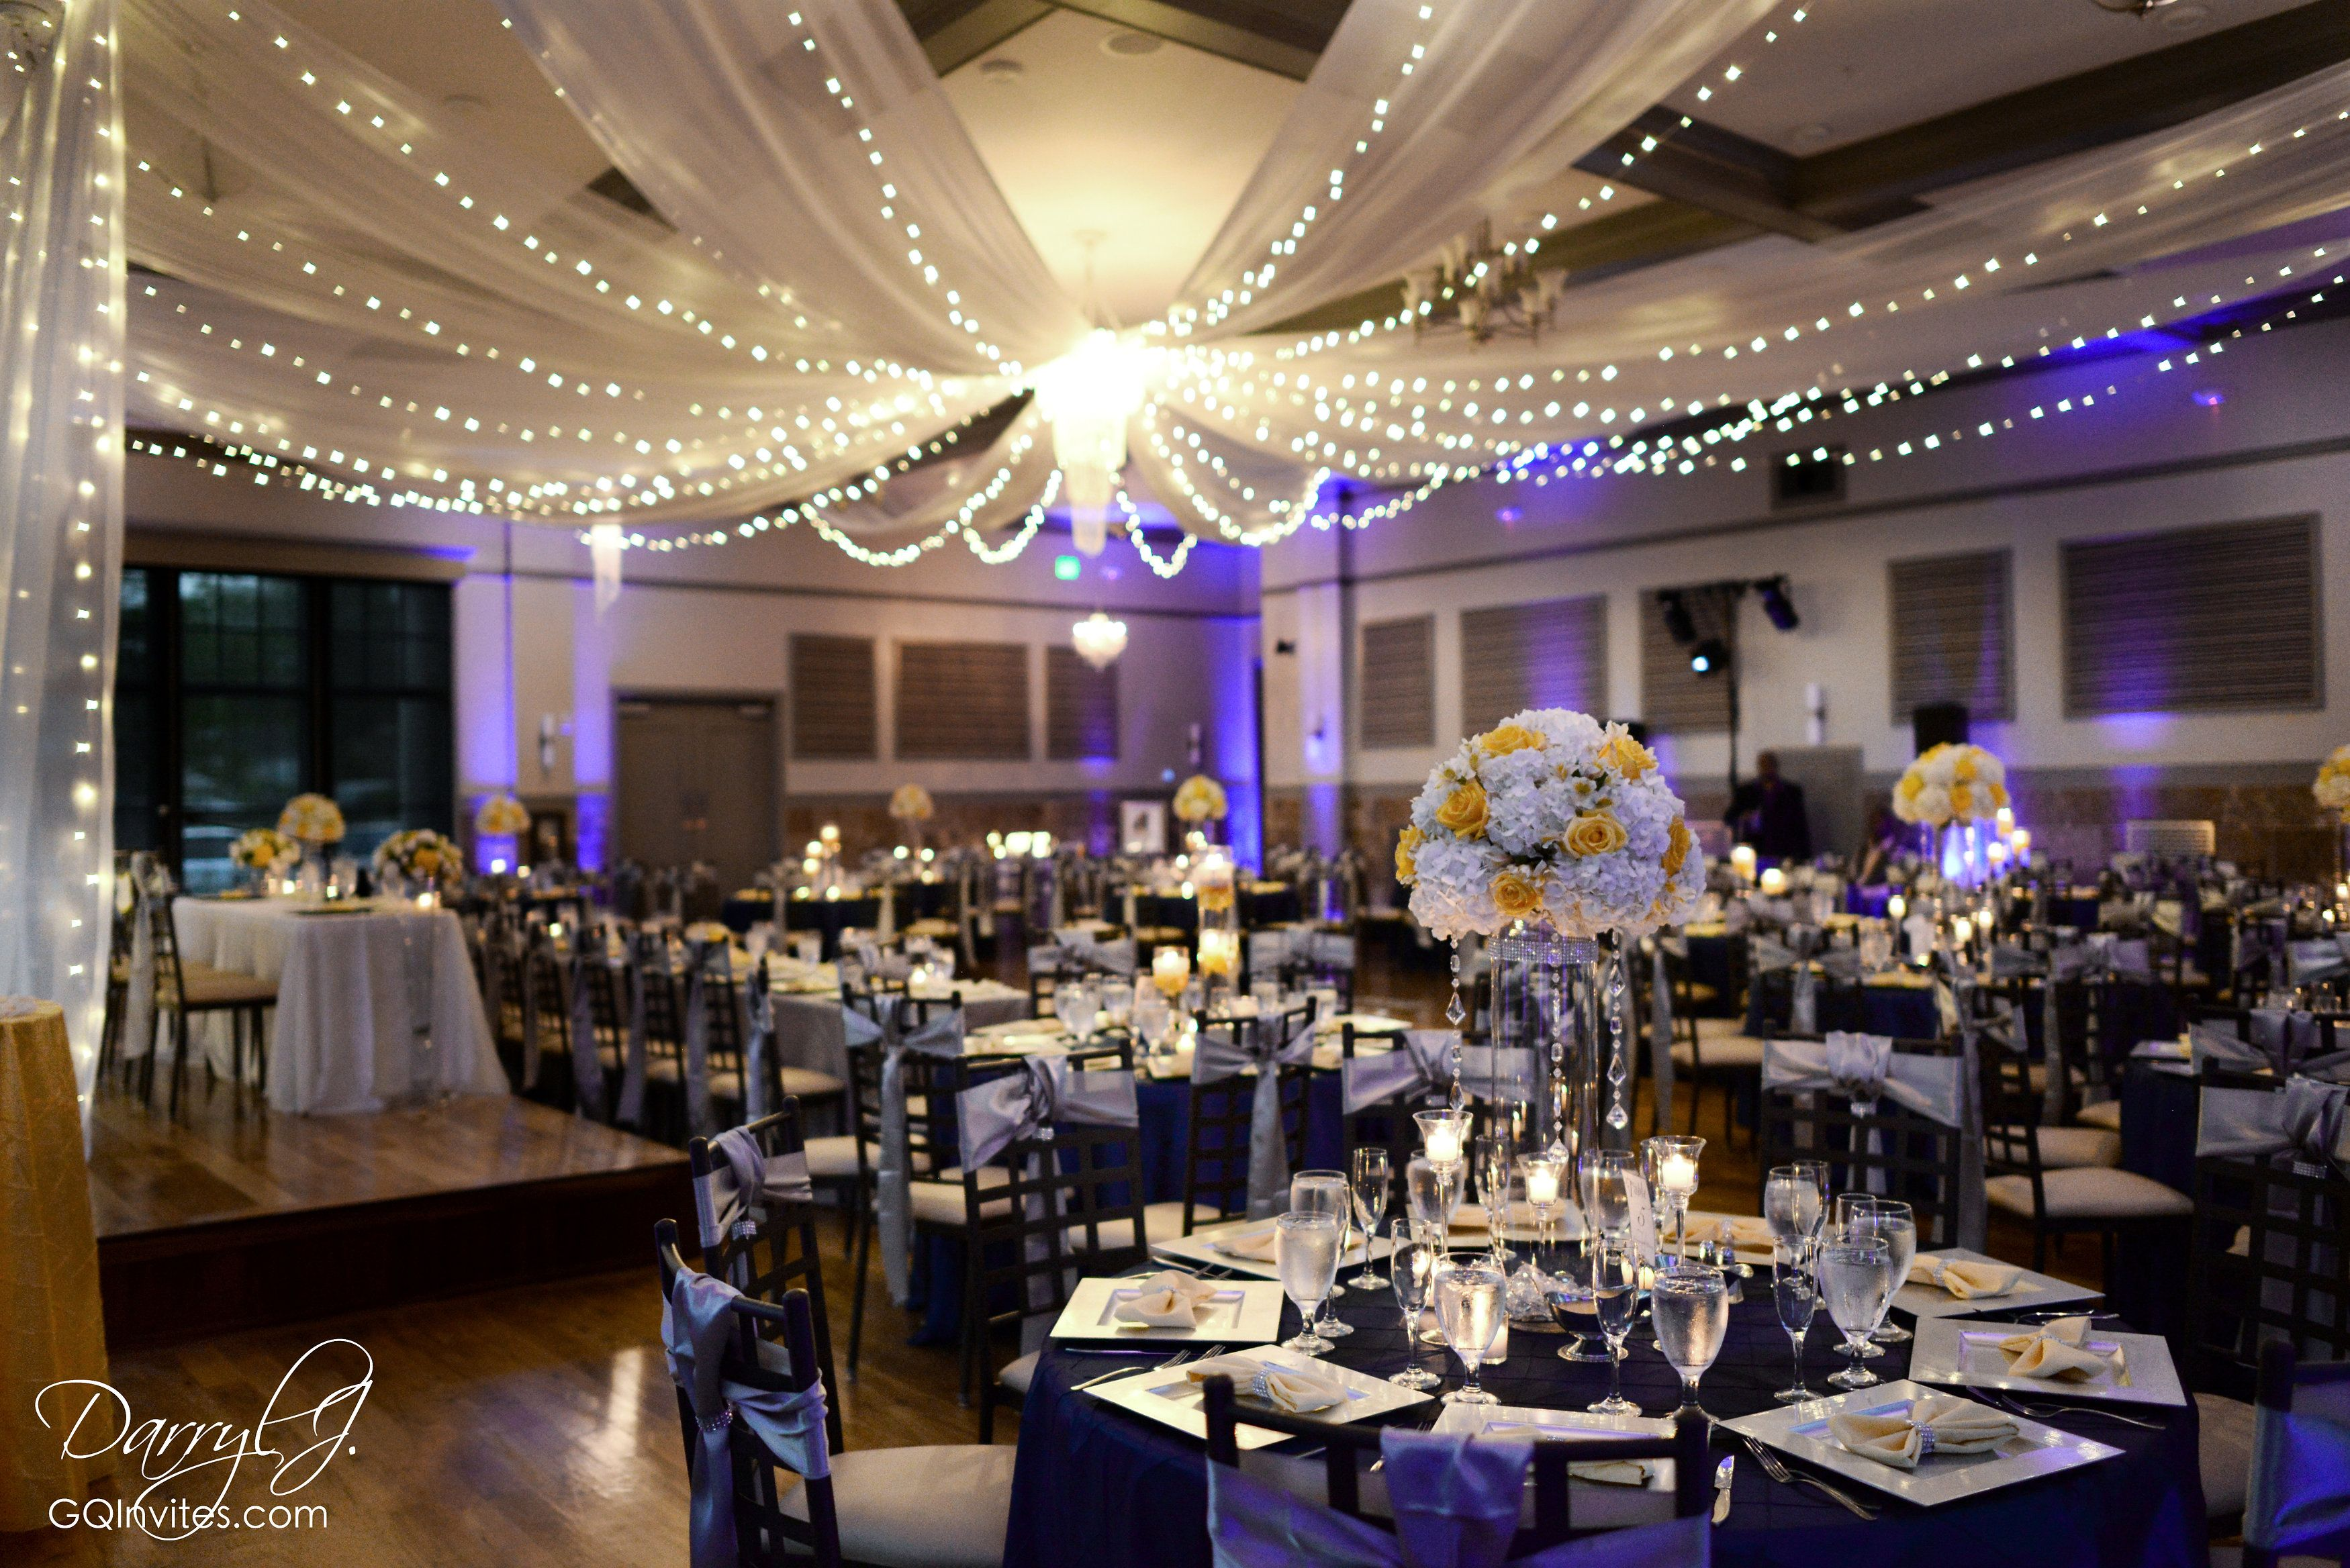 Ipw Reception Corporate Event Photographyorlando Wedding: Noah's Event Venue, Wedding Venue, Special Event